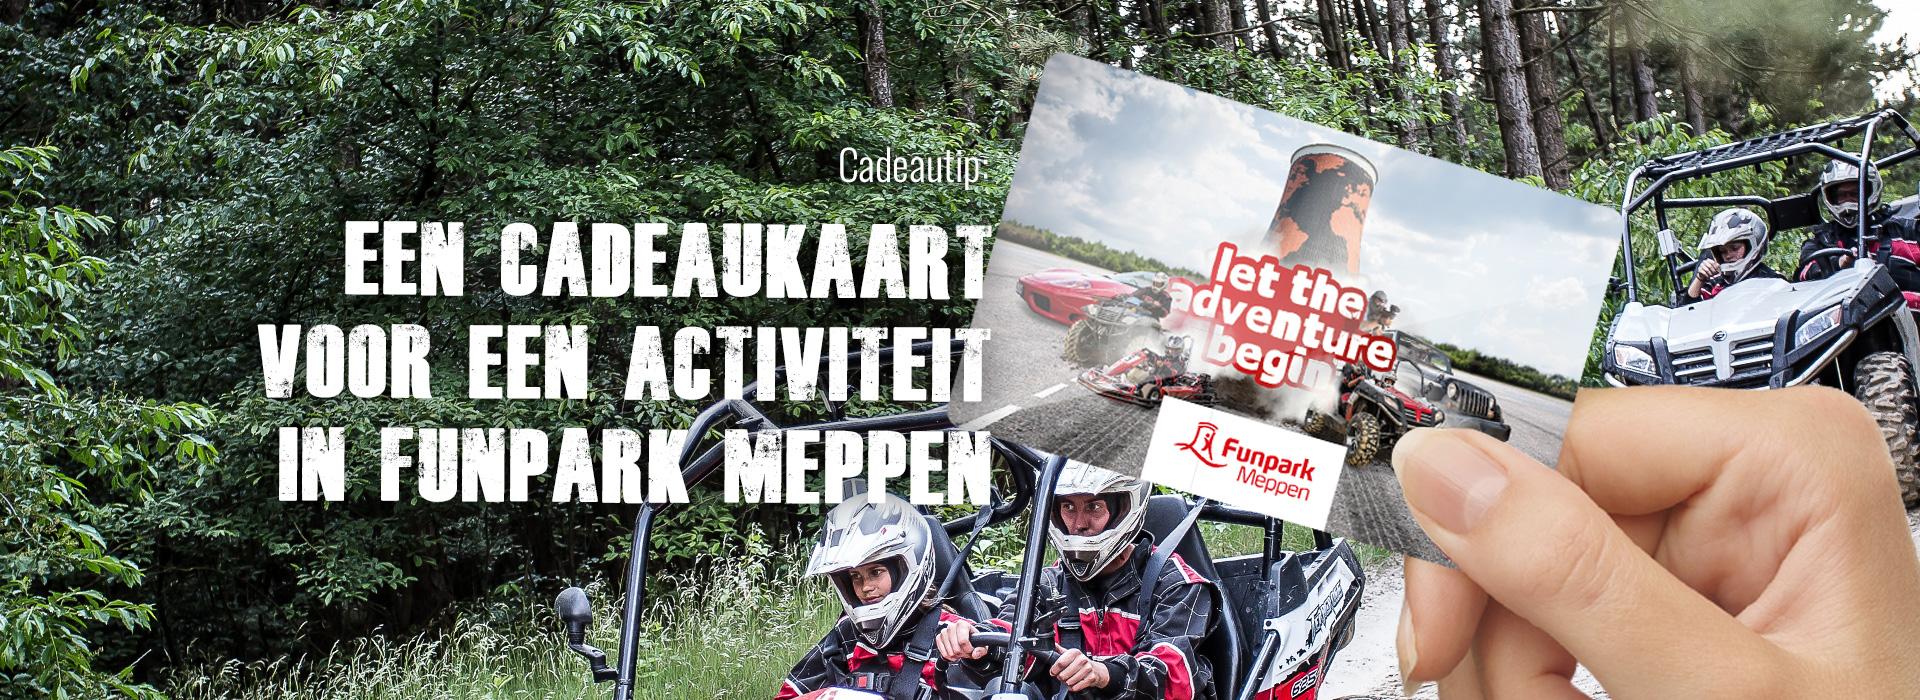 banner_cadeaukaart-nl